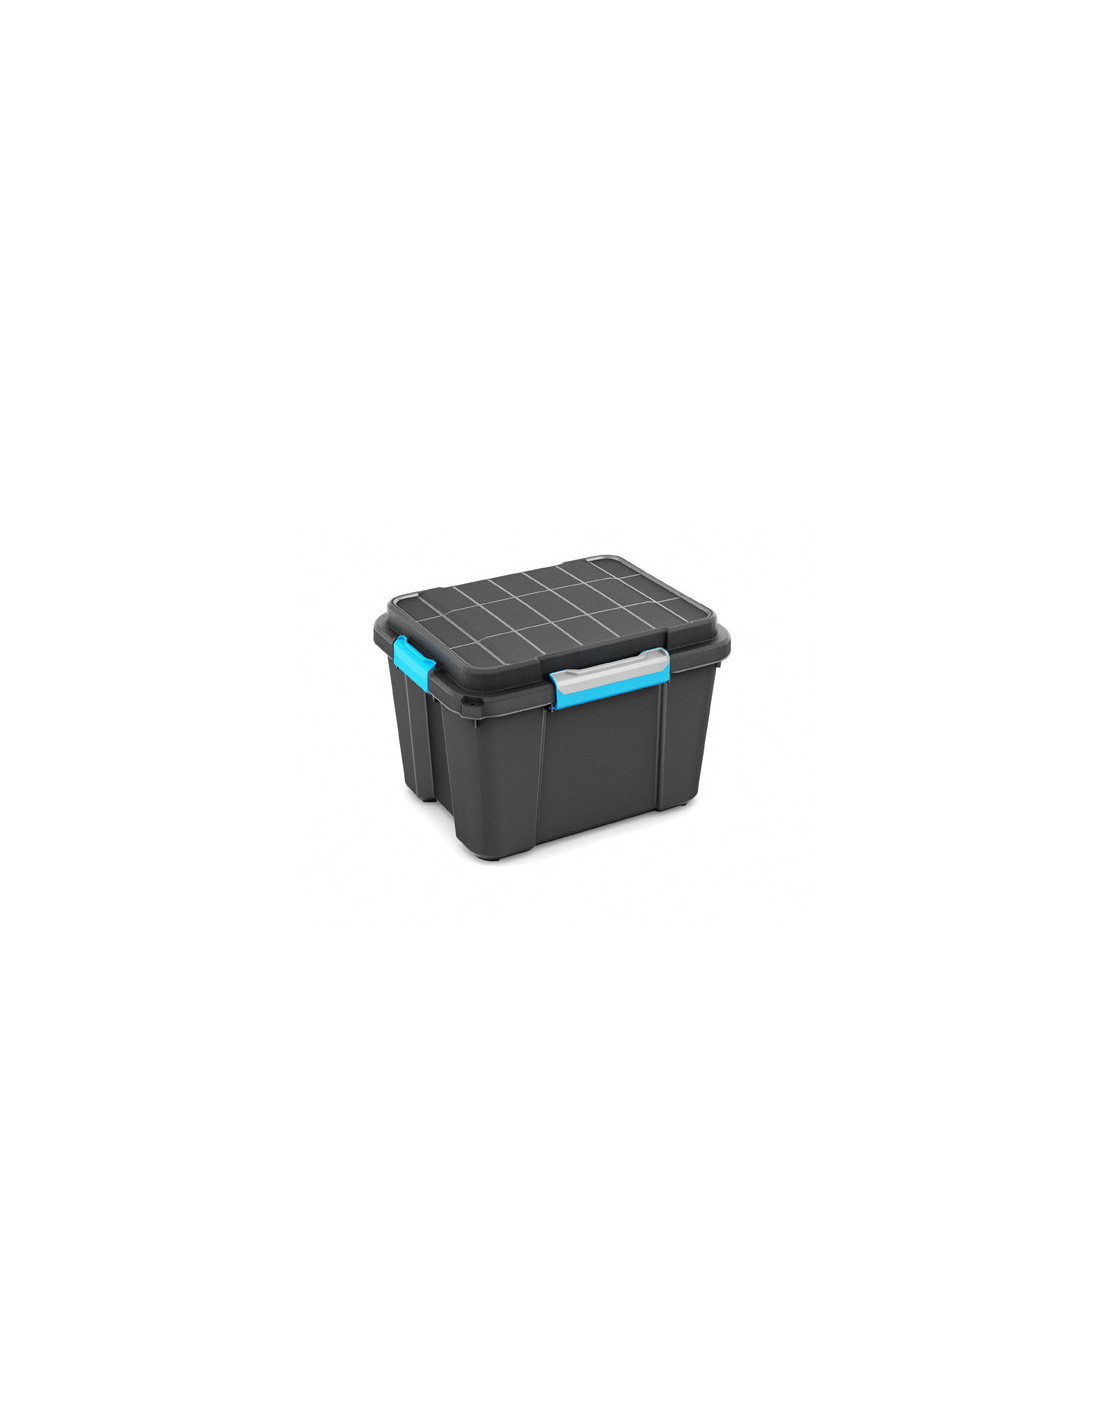 Boite Rangement Hermétique Cave kis boîte de rangement plastique scuba box m noir/bleu 39 x 49,5 x 34 cm 45l